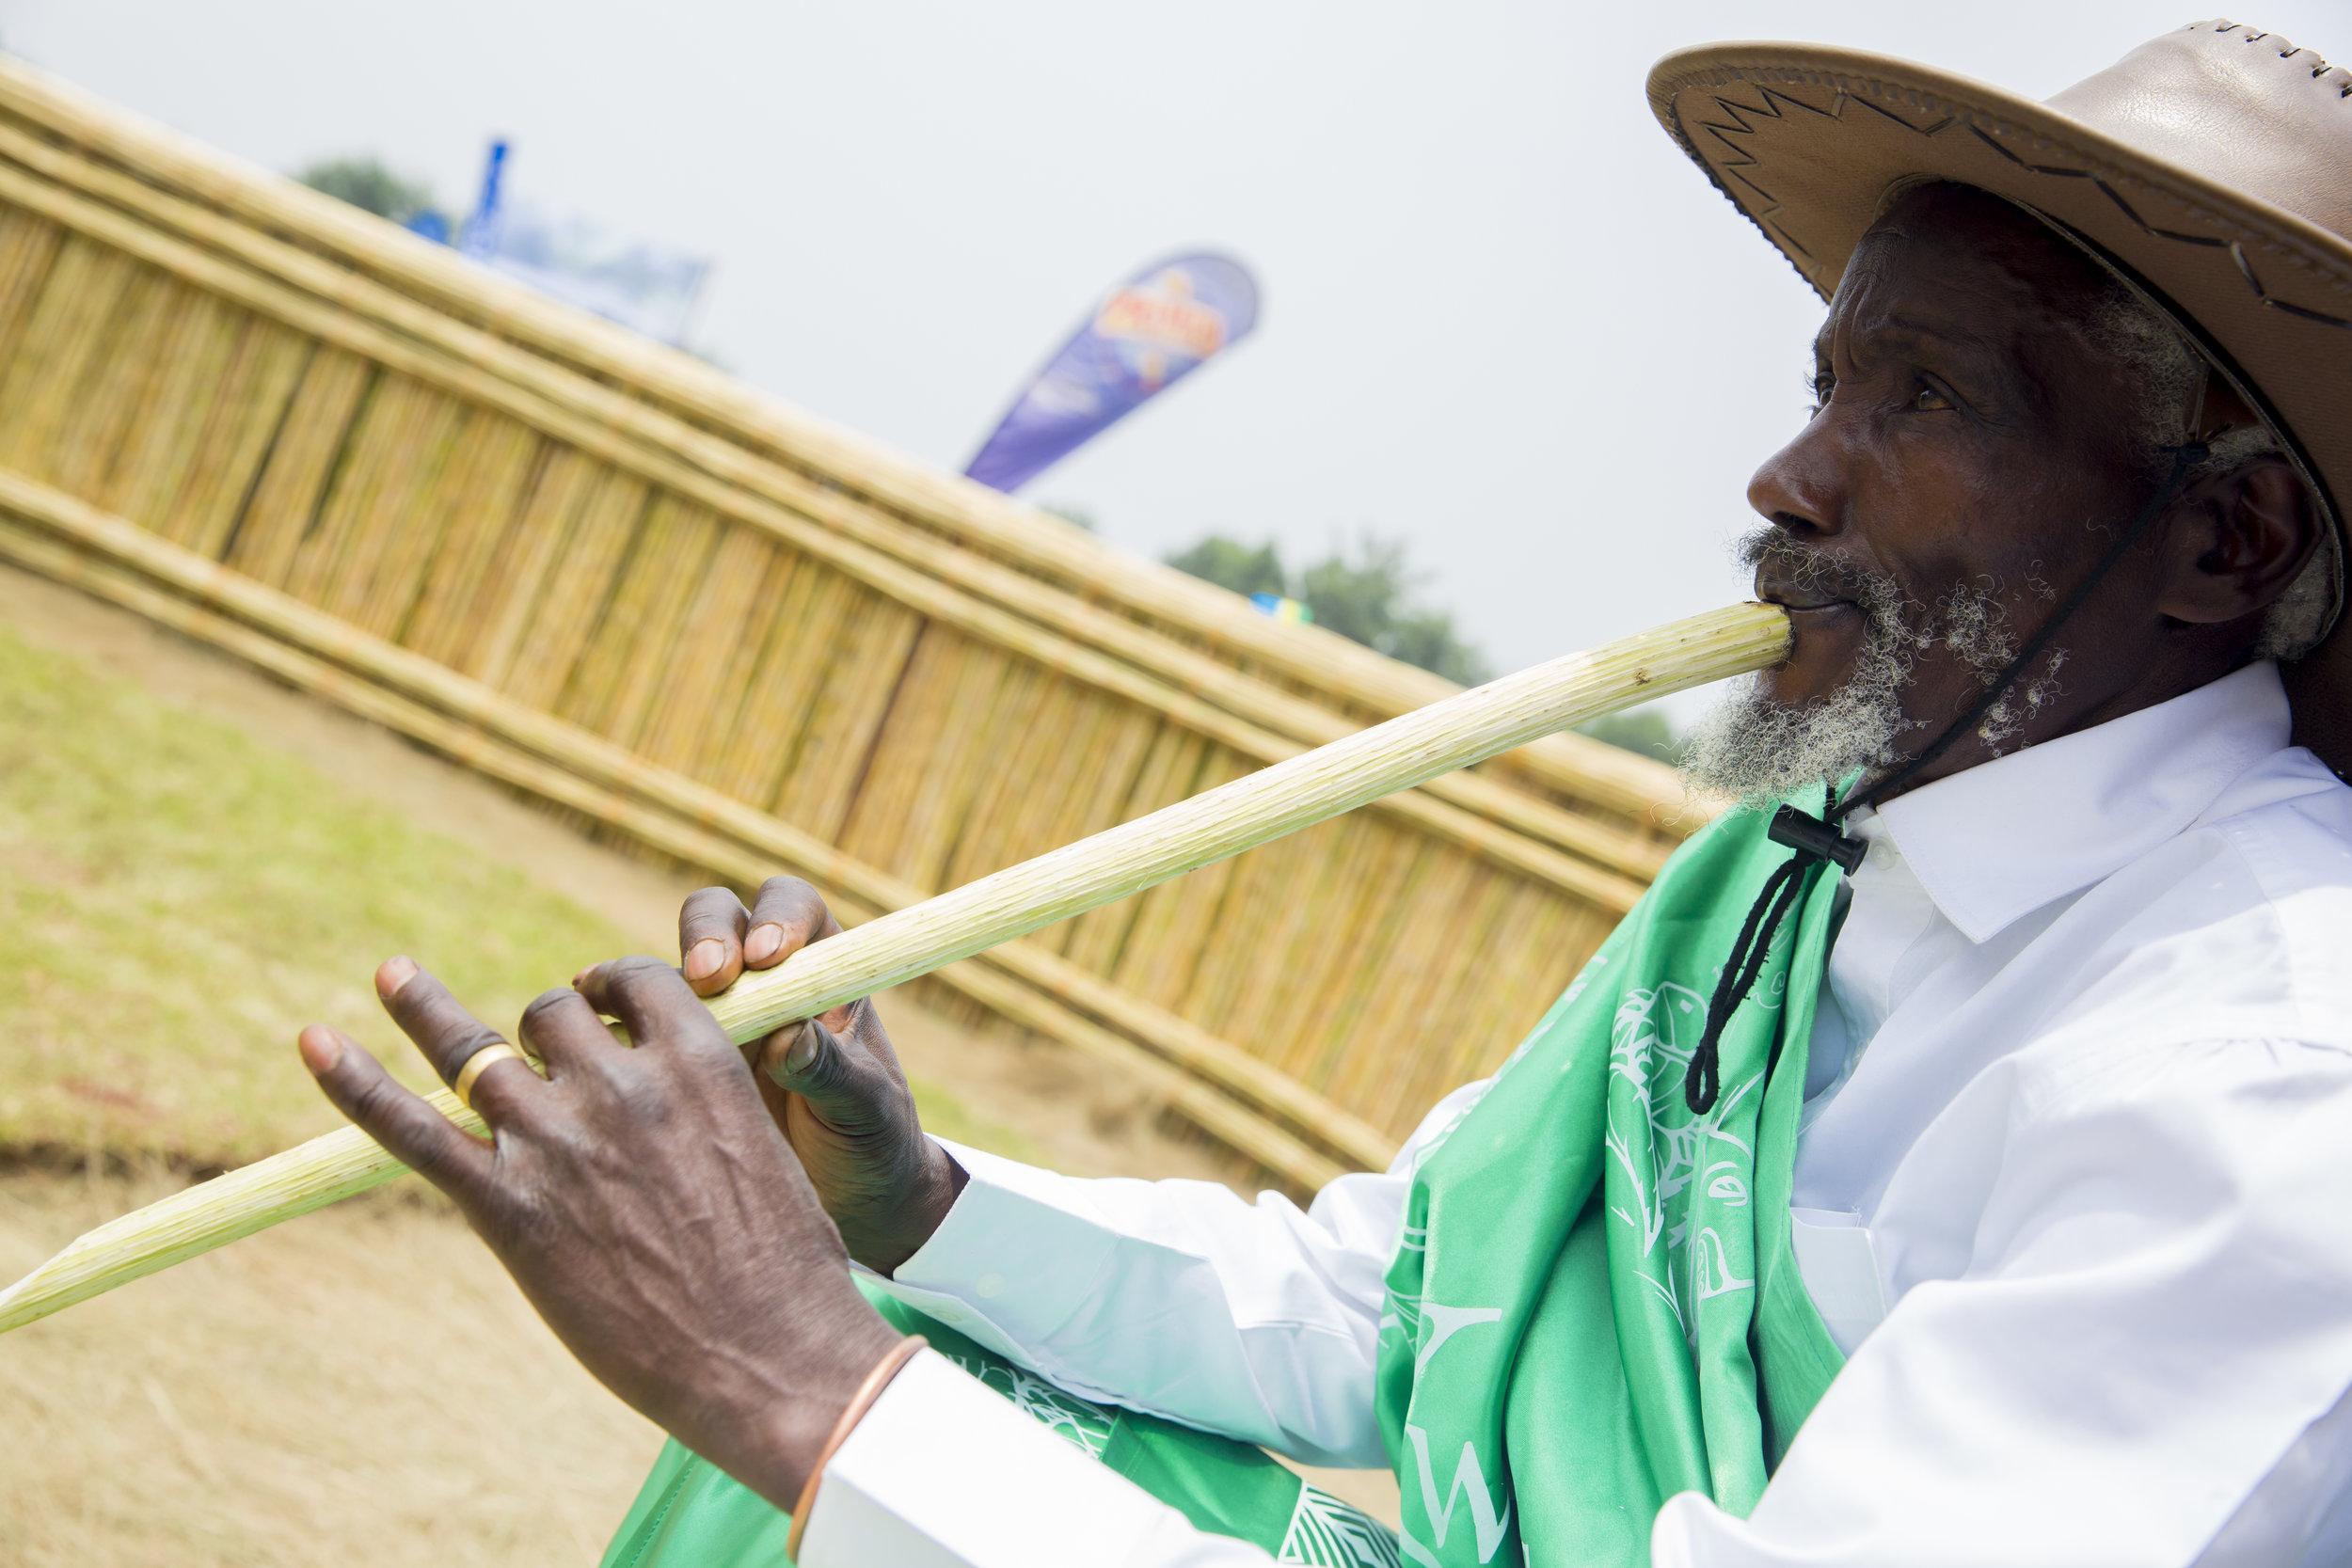 An elderly man playing a flute.